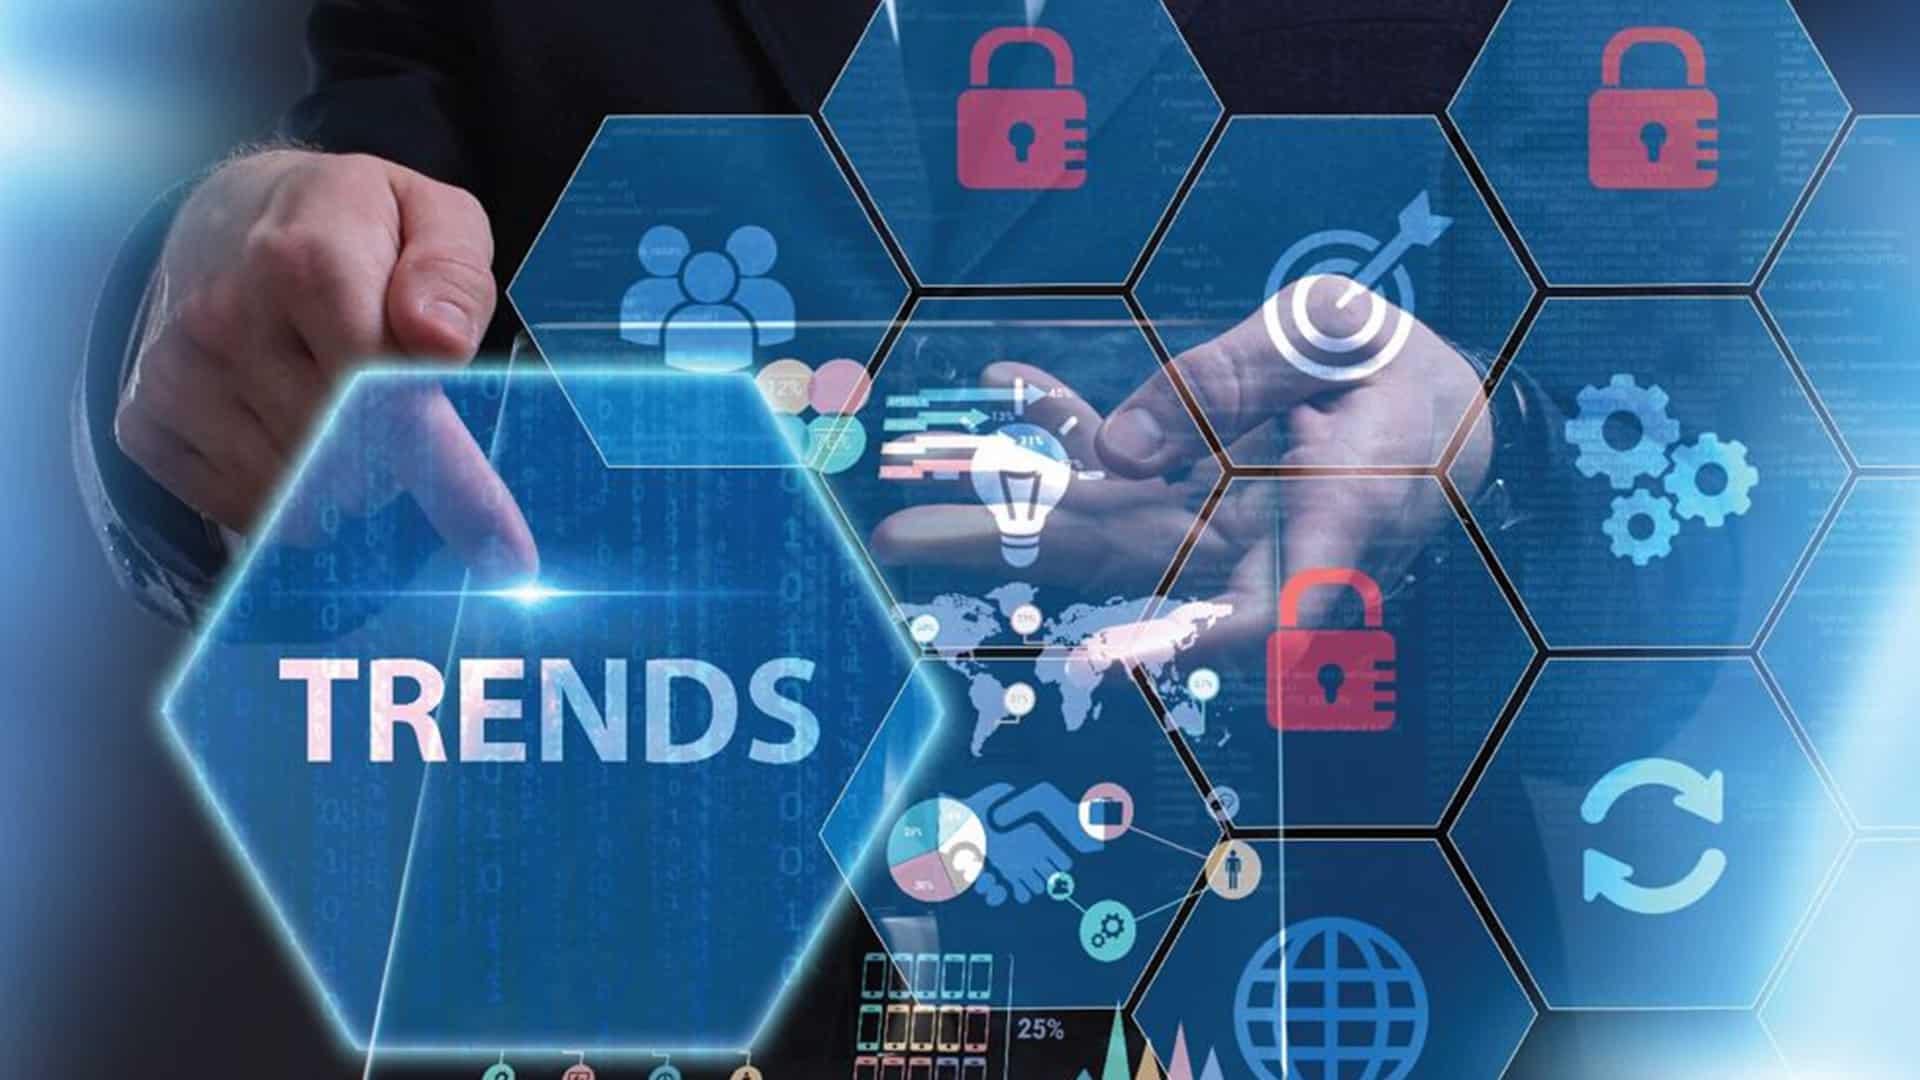 I 10 migliori trends tecnologici per il 2020. Quanto sono importanti i dati?